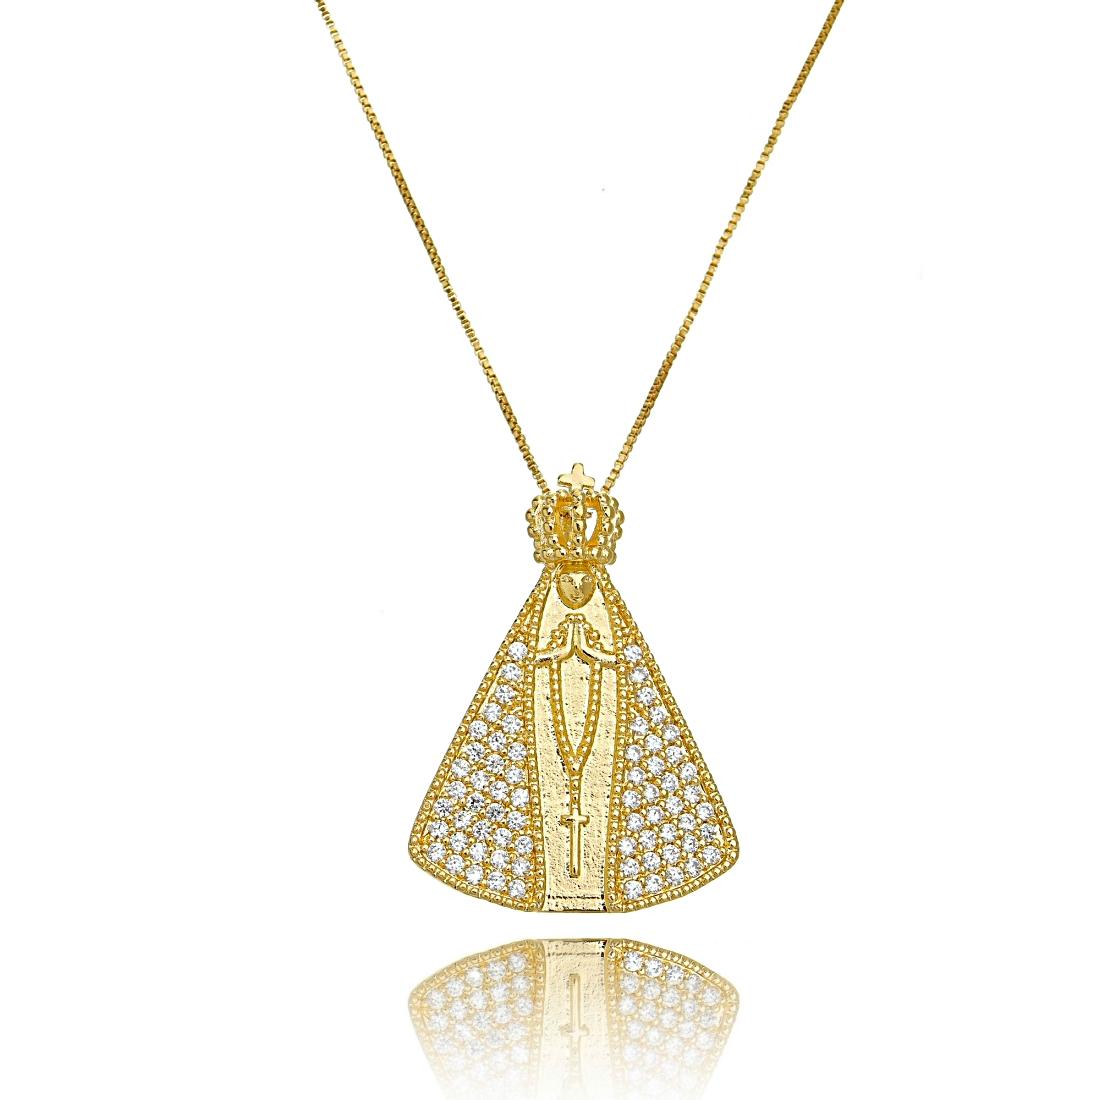 Colar Nossa Senhora Aparecida Dourado Grande Micro Zircônia Cristal Semijoia em Ouro  - Soloyou